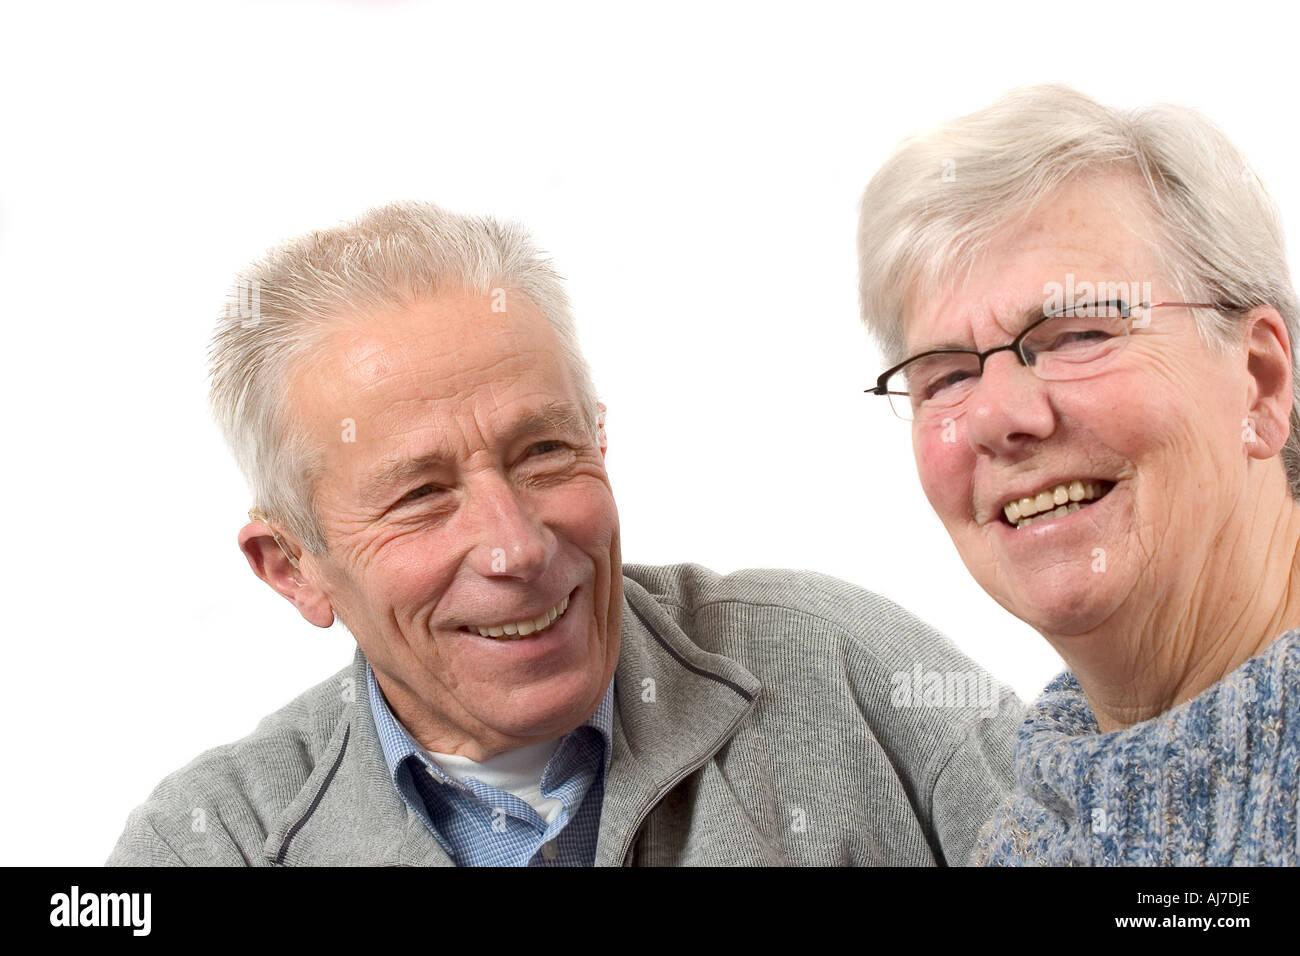 Happy senior couple - Stock Image